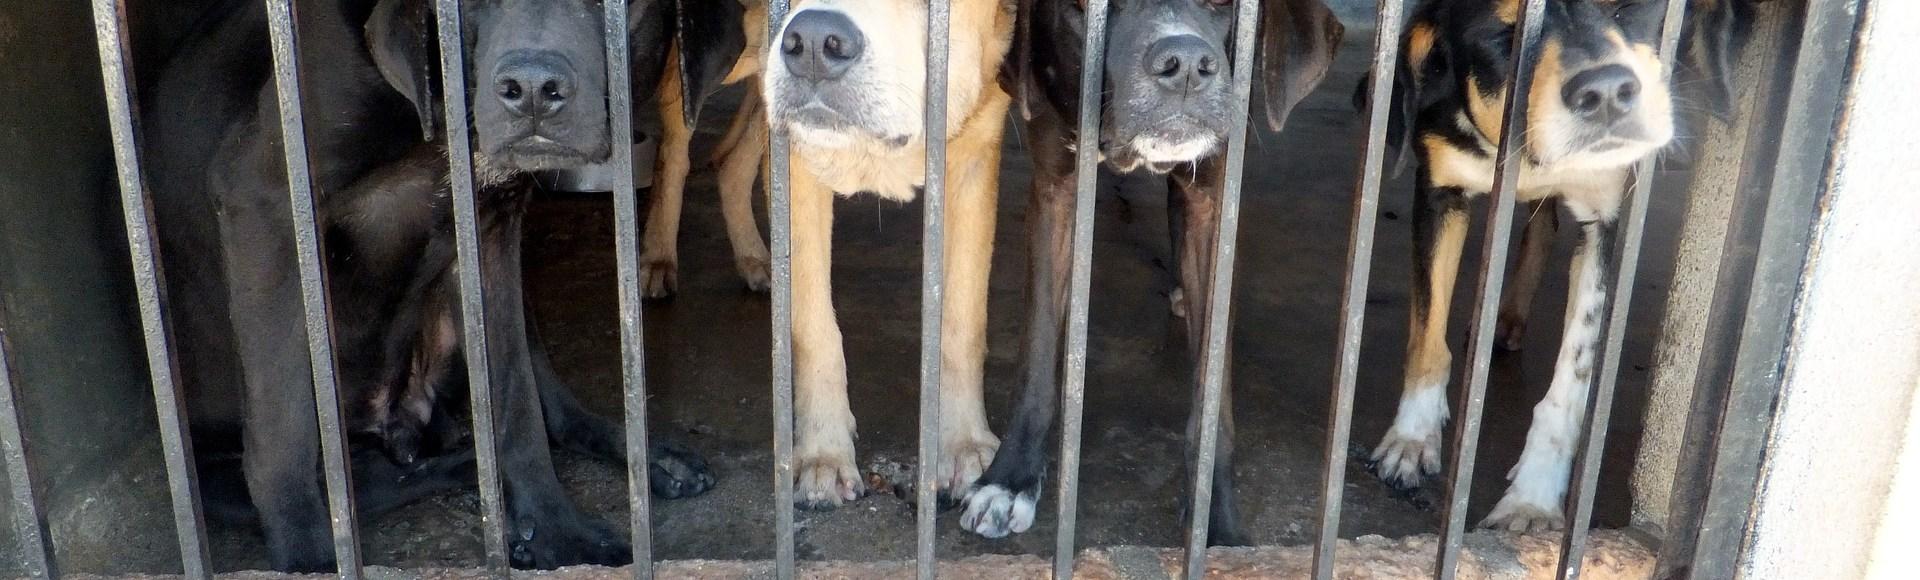 Kaufen Sie keine Hunde od. Welpen von unseriösen Züchtern auf illegalen Tiermärkten